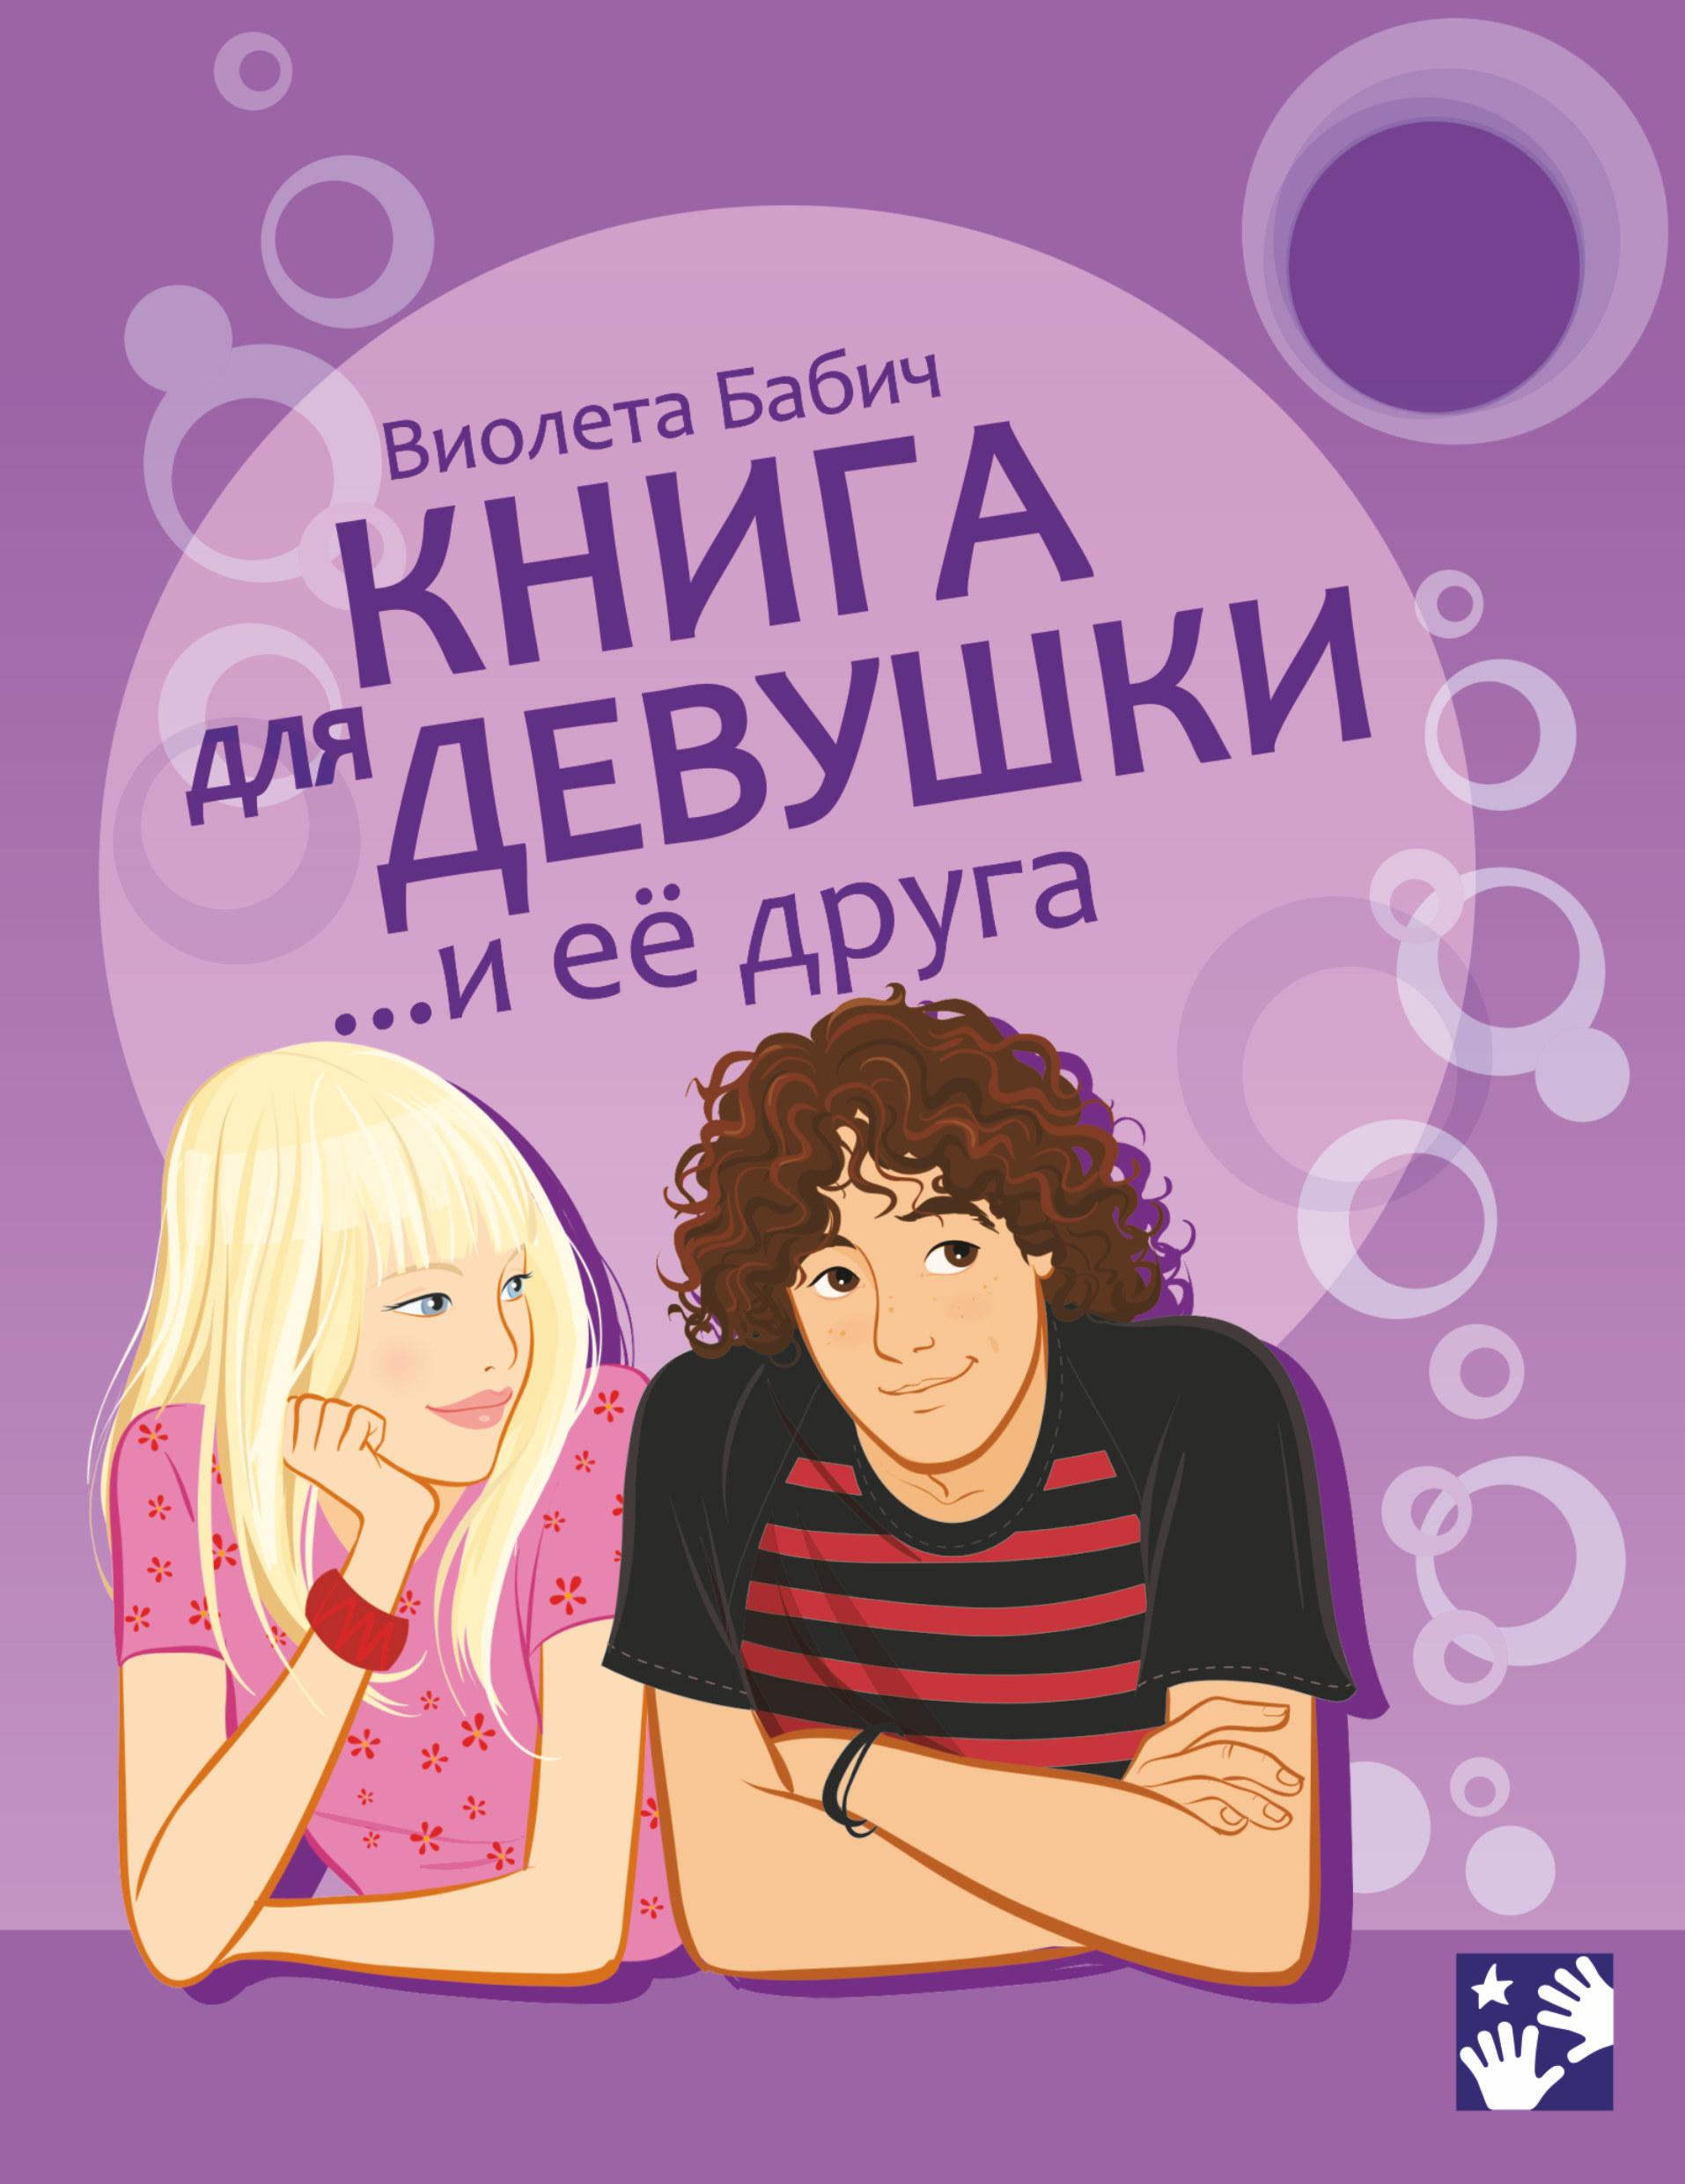 Книга для девушки и её друга. 16+